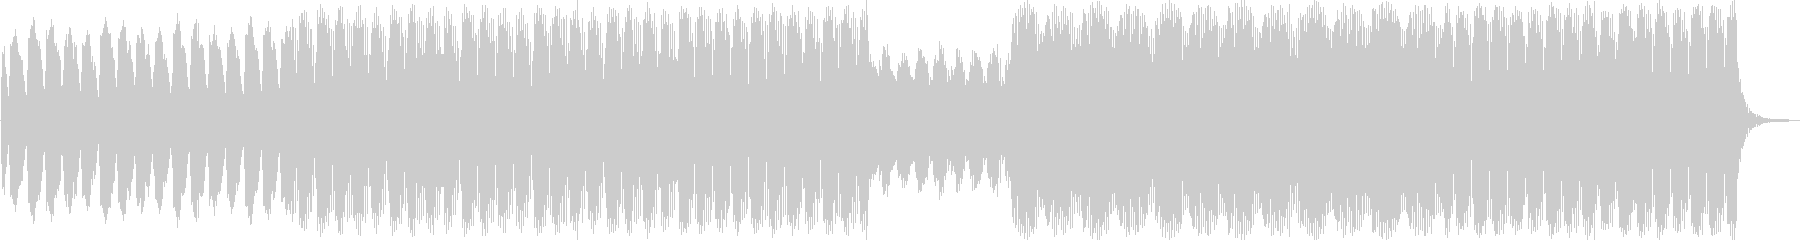 幻想的エレクトロニカハウスミュージックの未再生の波形